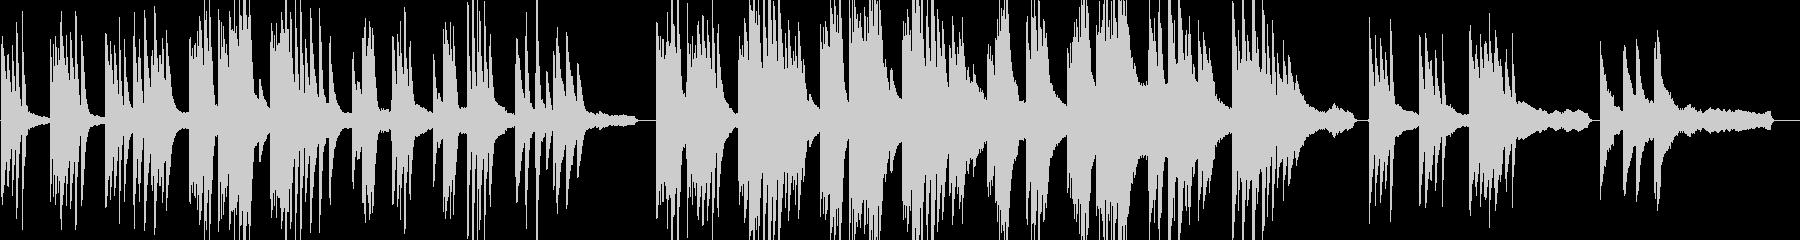 企業VP6 16bit48kHzVerの未再生の波形